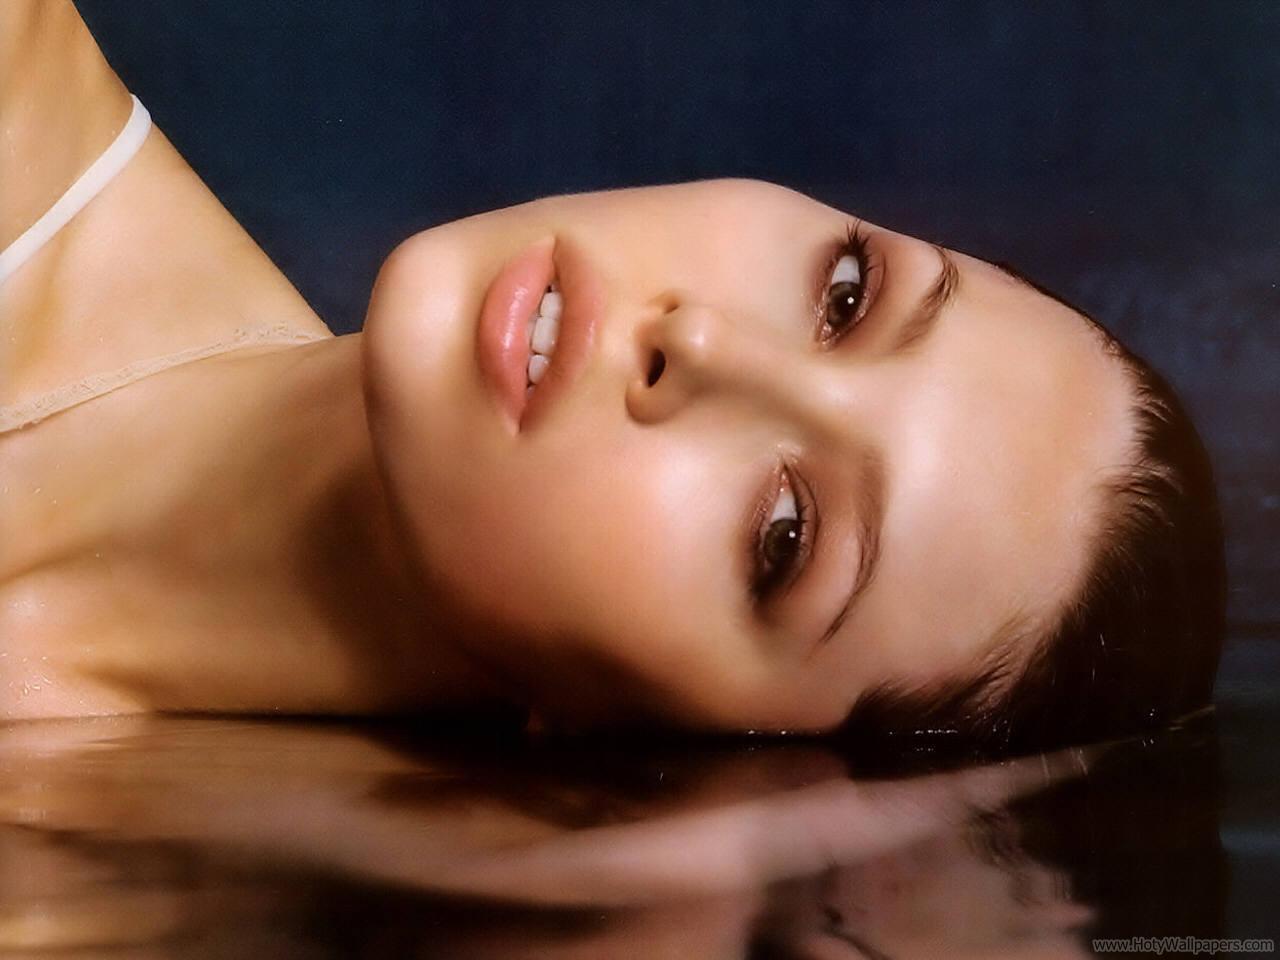 http://4.bp.blogspot.com/-D237qxNGhm0/TraWfGS3SZI/AAAAAAAAPew/bP52M3-rXU4/s1600/jessica_biel_actress_latest_wallpaper-03-1600x1200.jpg